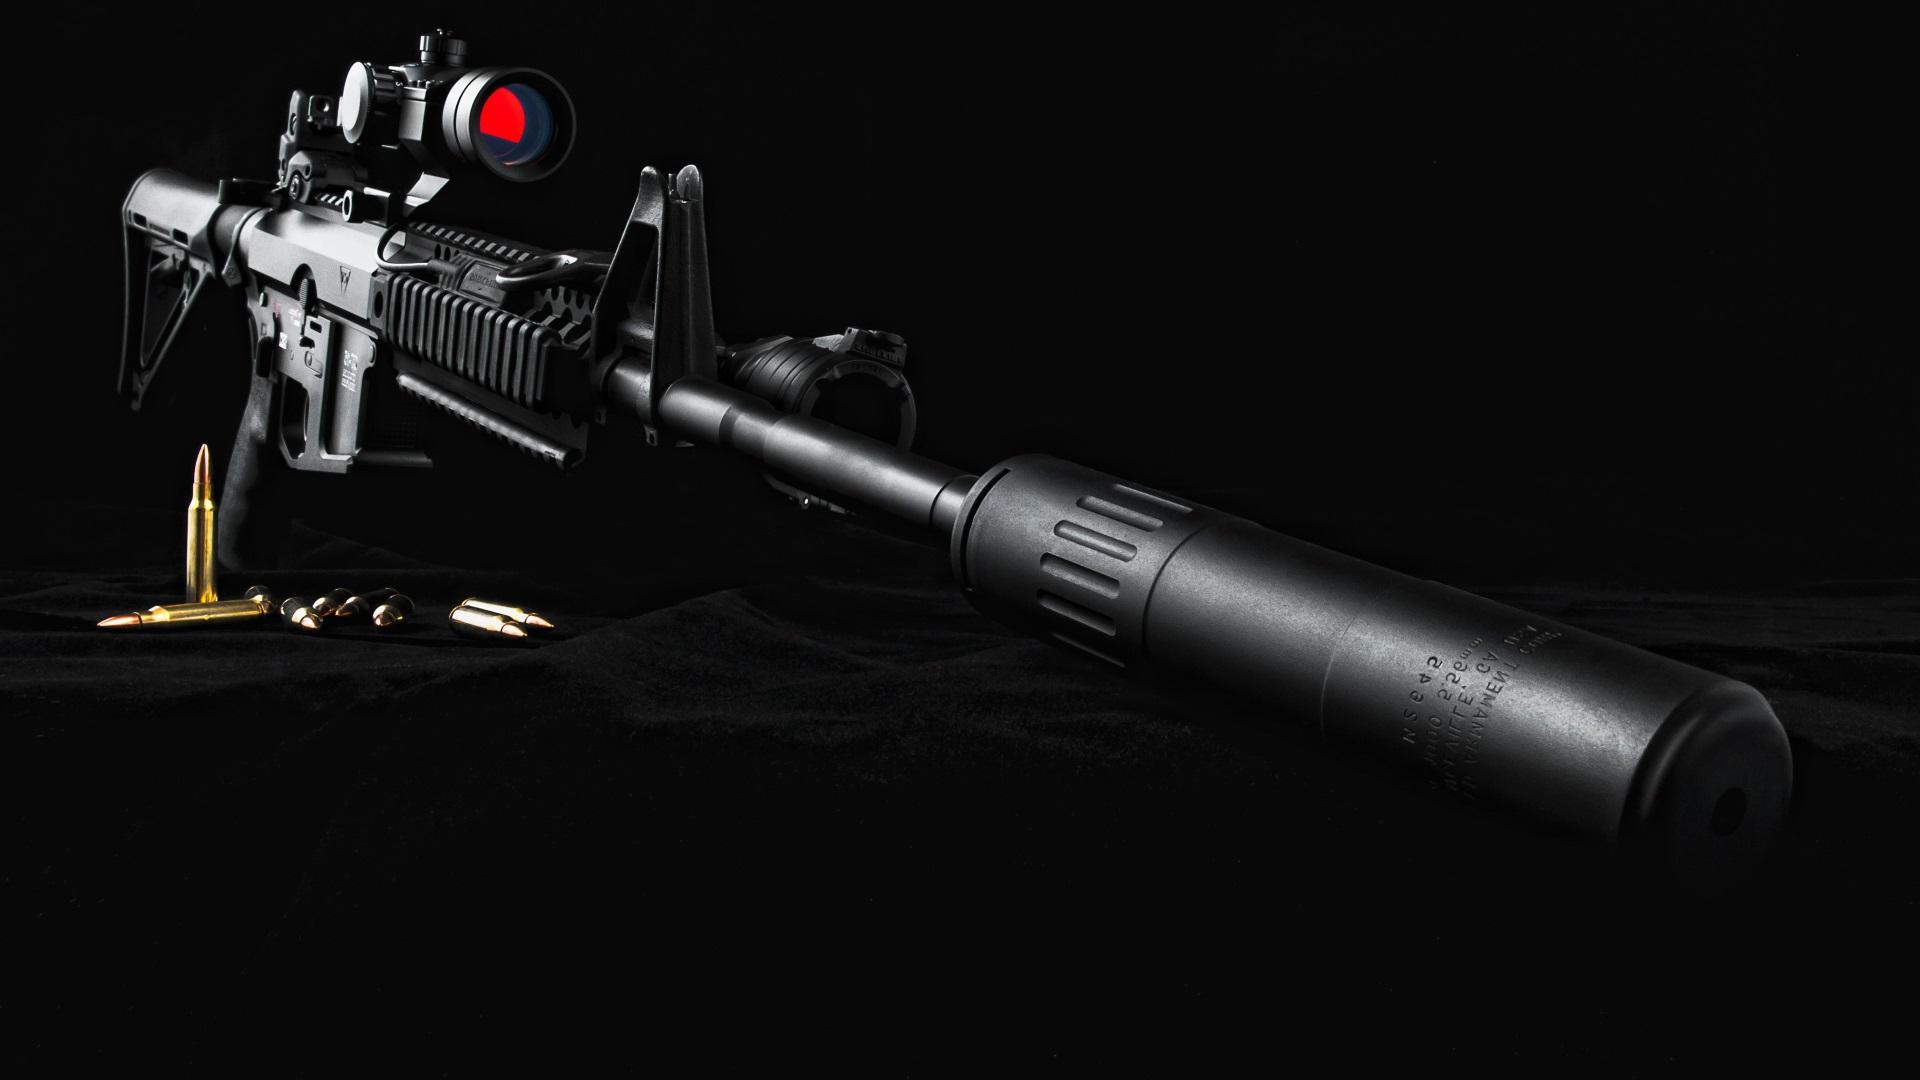 HD Guns Wallpaper Download HD Guns Amp Weapons Wallpapers